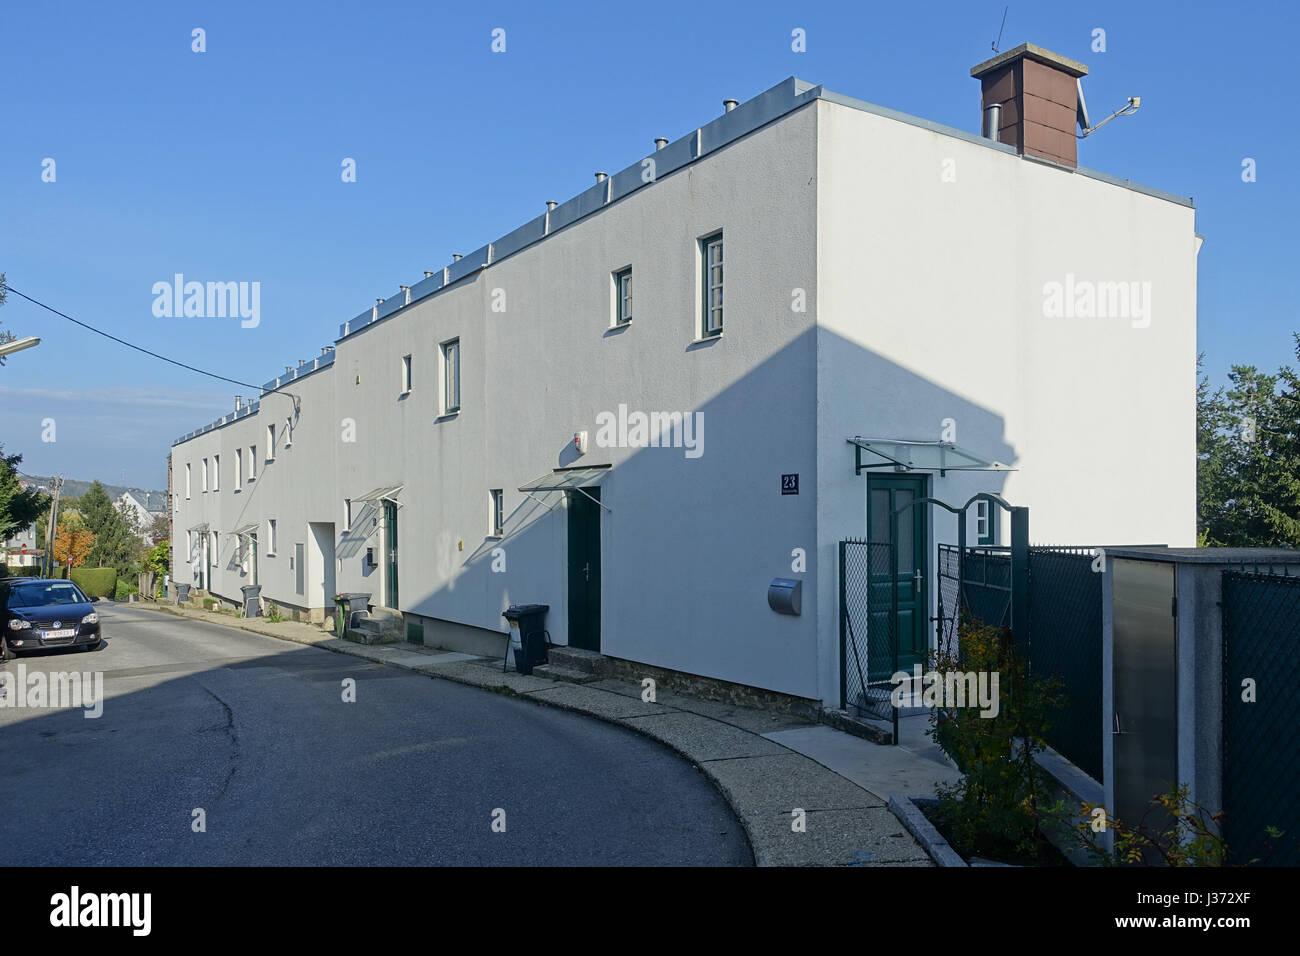 Wien, Wohnbau der Zwischenkriegszeit, Siedlung Heuberg Nach Einem Konzept von Adolf Loos, 1924 Stockbild